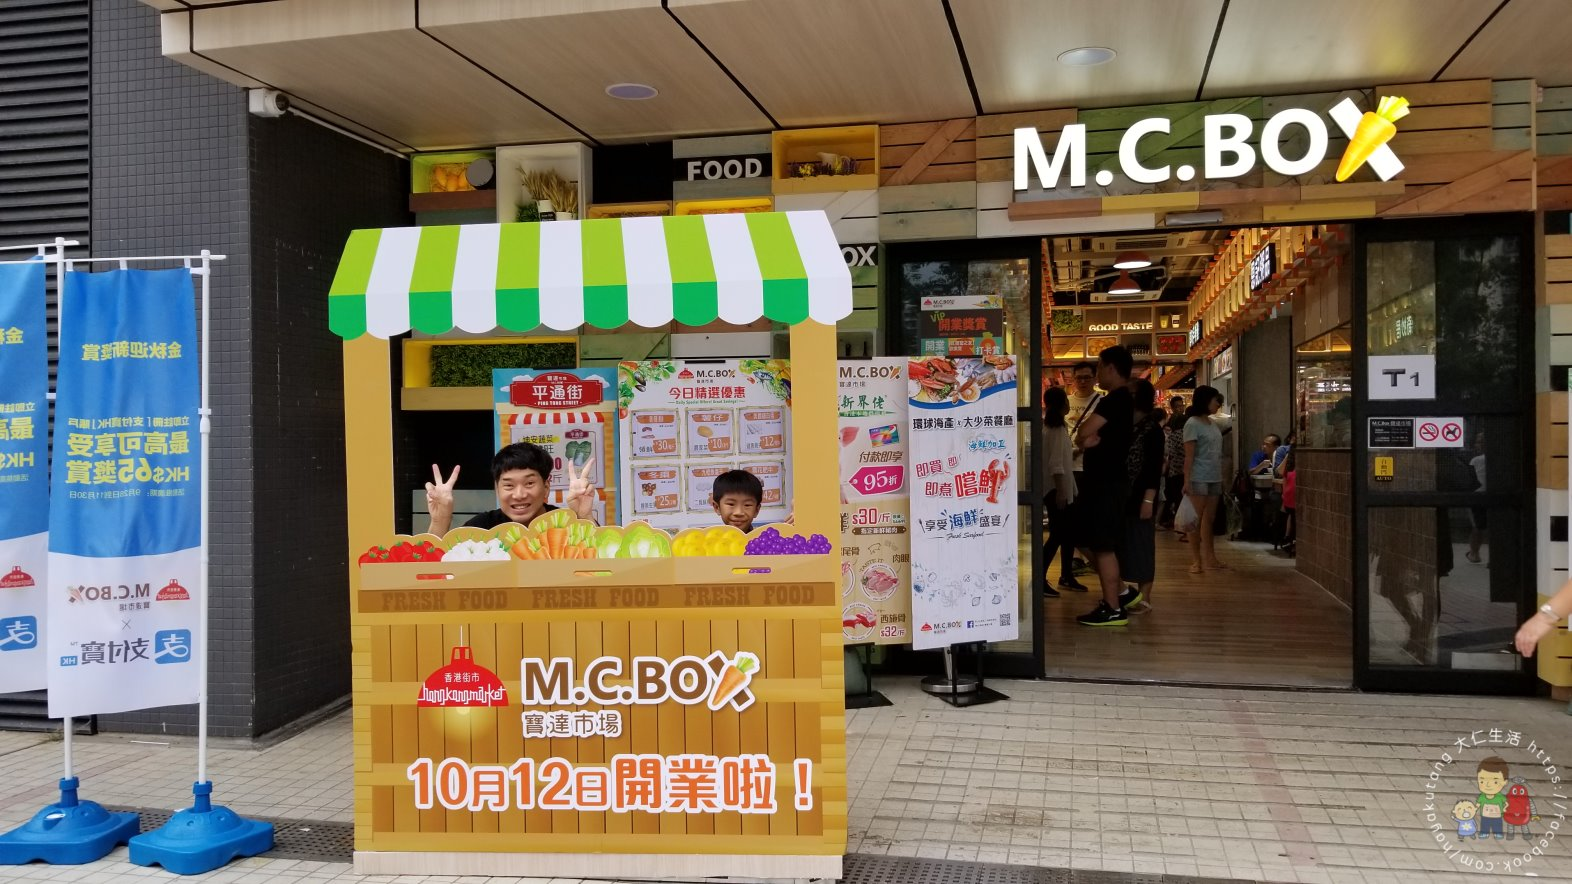 大仁生活: 【新開小食街】必食餃子+ 香蕉煎餅 @ 寶達街市掃街